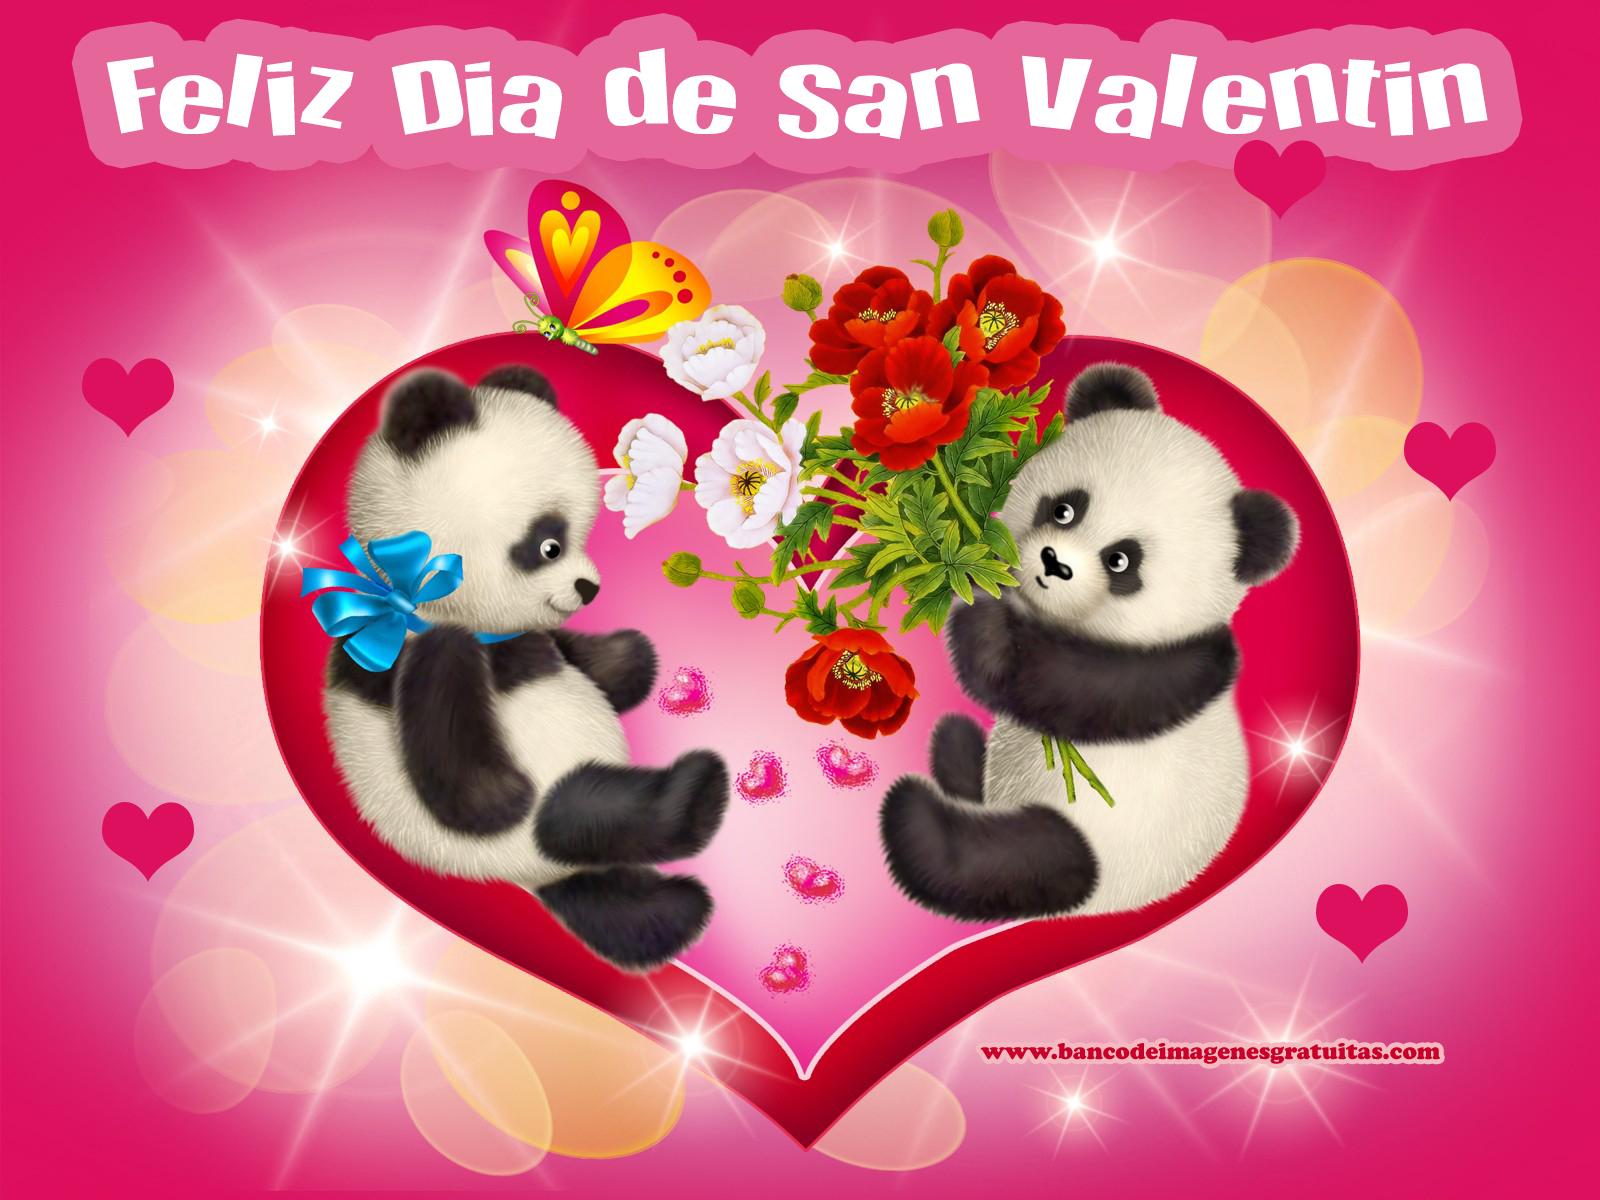 Imagenes De Amor Y San Valentin